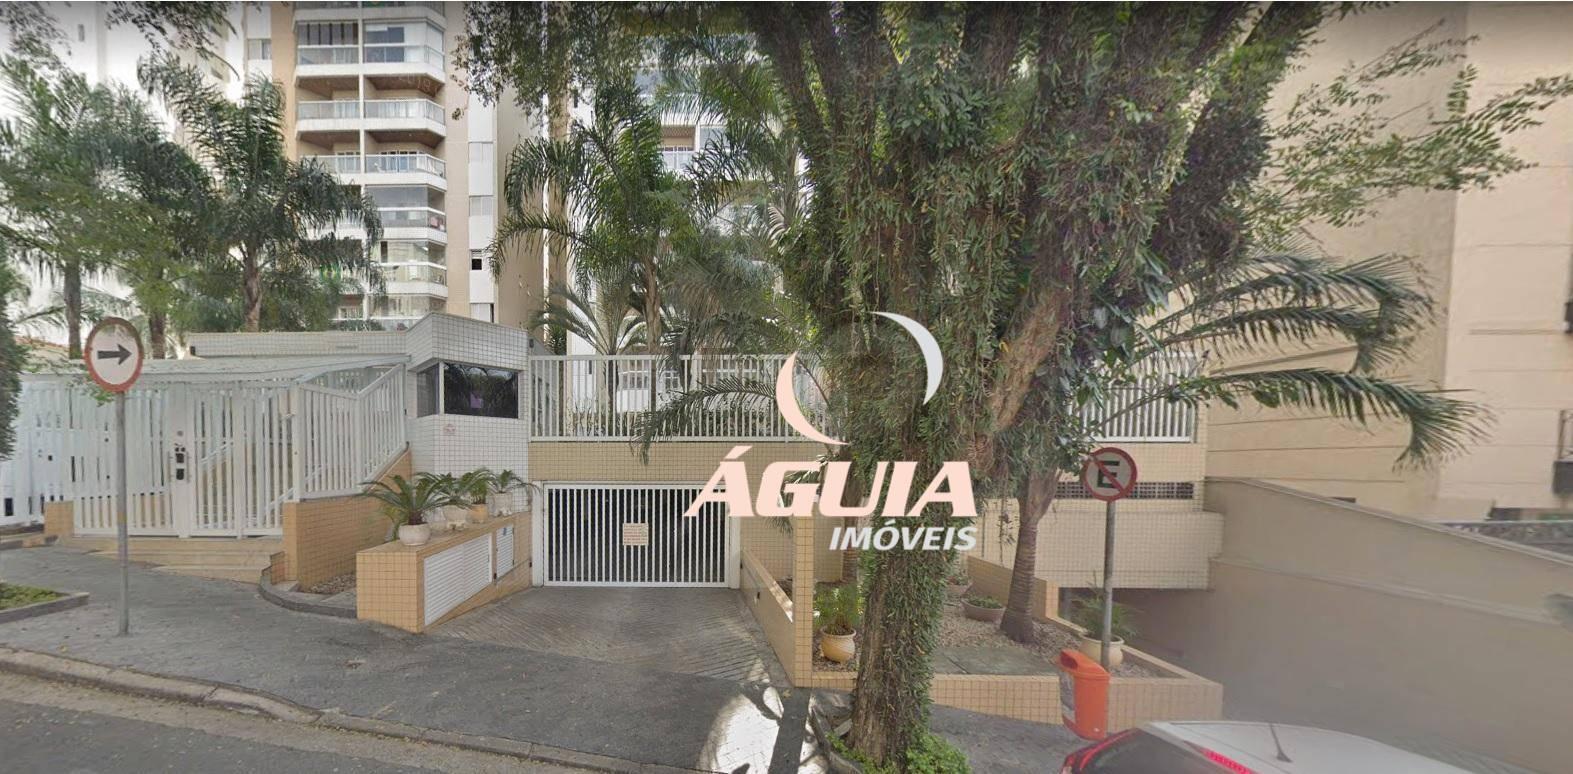 Apartamento com 3 dormitórios à venda, 92 m² por R$ 520.000,00 - Centro - São Bernardo do Campo/SP